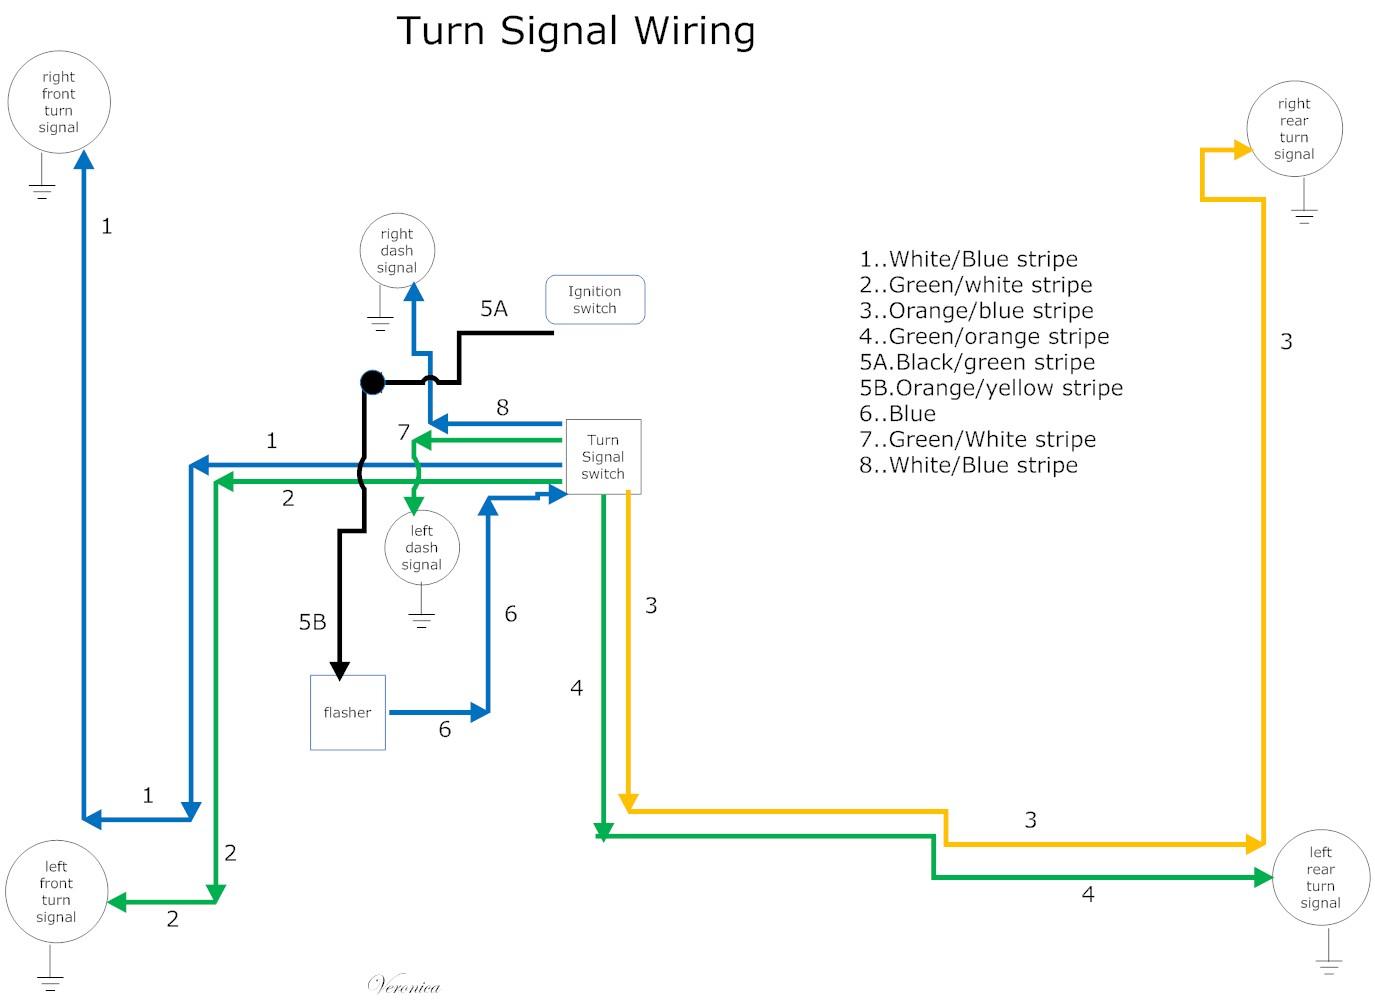 1965 mustang turn signal flasher wiring diagram